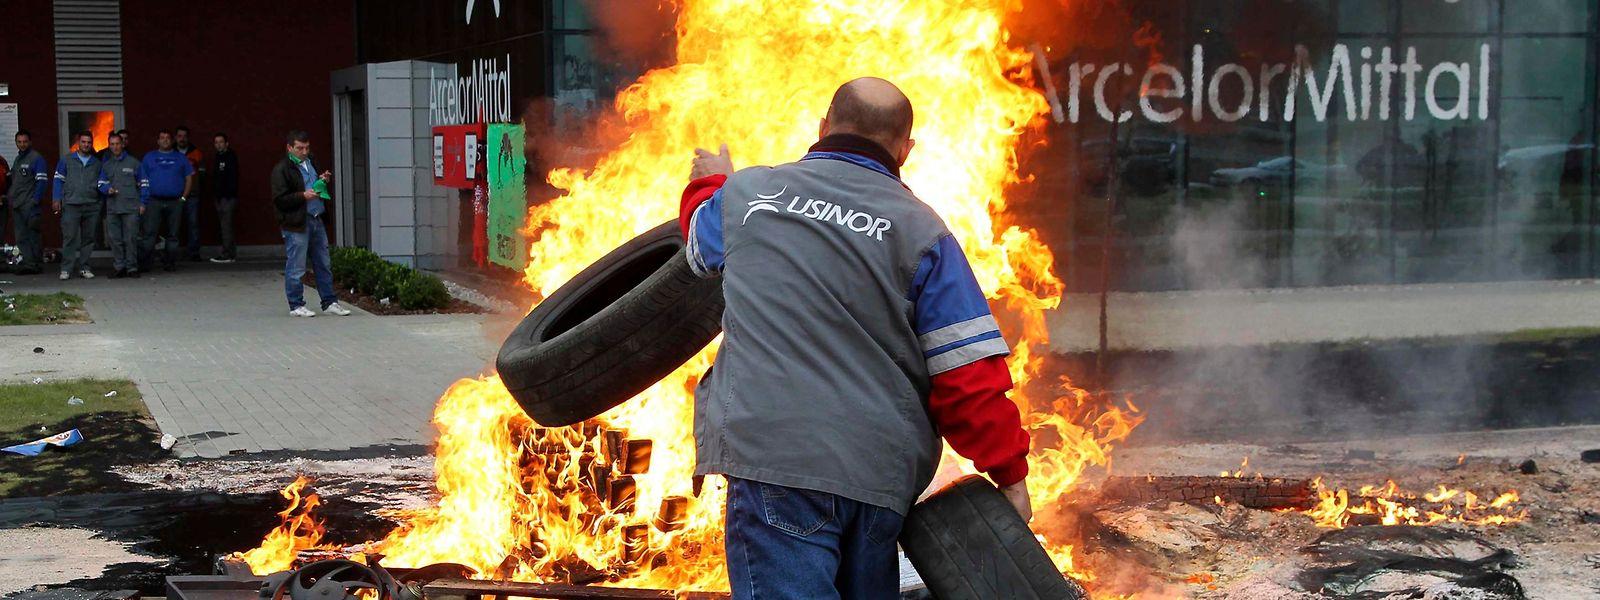 En 2011, les employés d'ArcelorMittal avaient organisé une grève de huit jours sur le site de Flémalle, situé dans le bassin industriel liégeois.